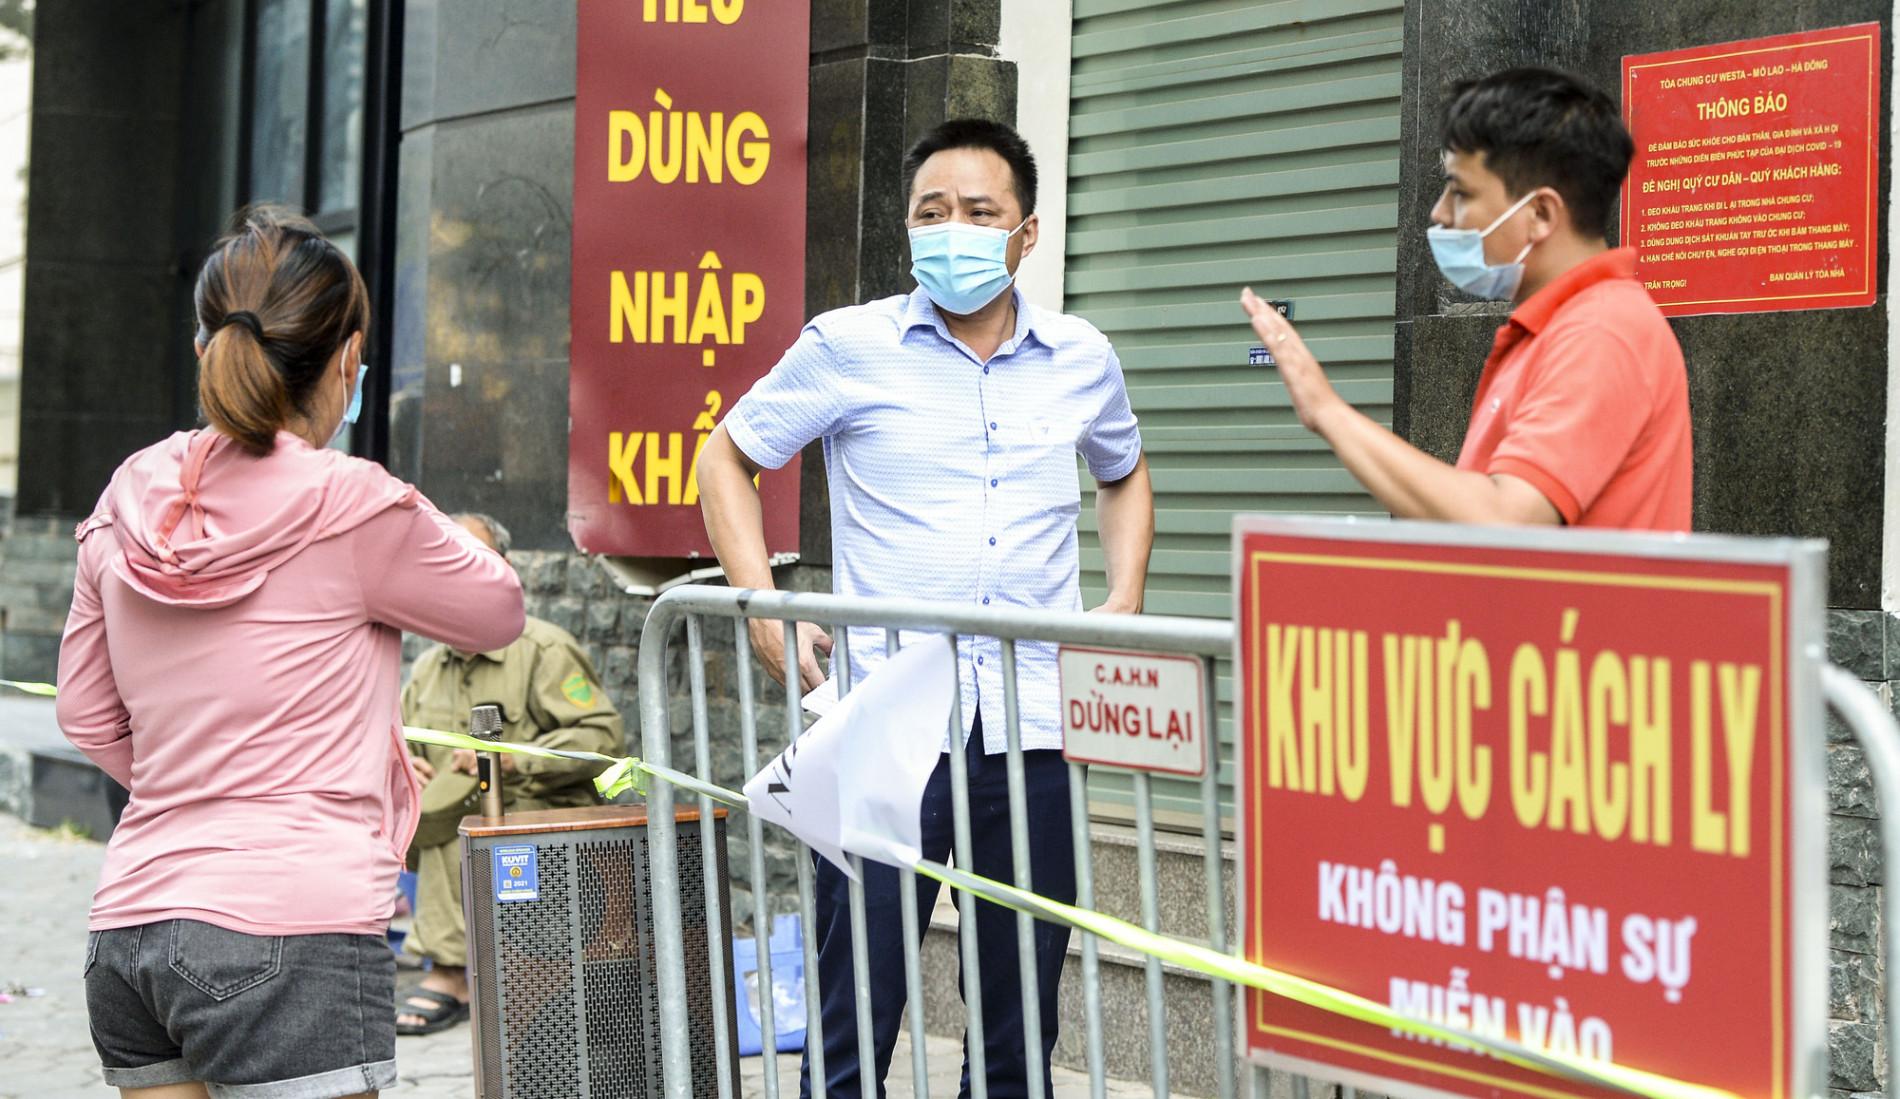 Các địa điểm cách ly, phong toả tại Hà Nội sau khi phát hiện có người dương tính SARS-CoV-2 - Ảnh 1.